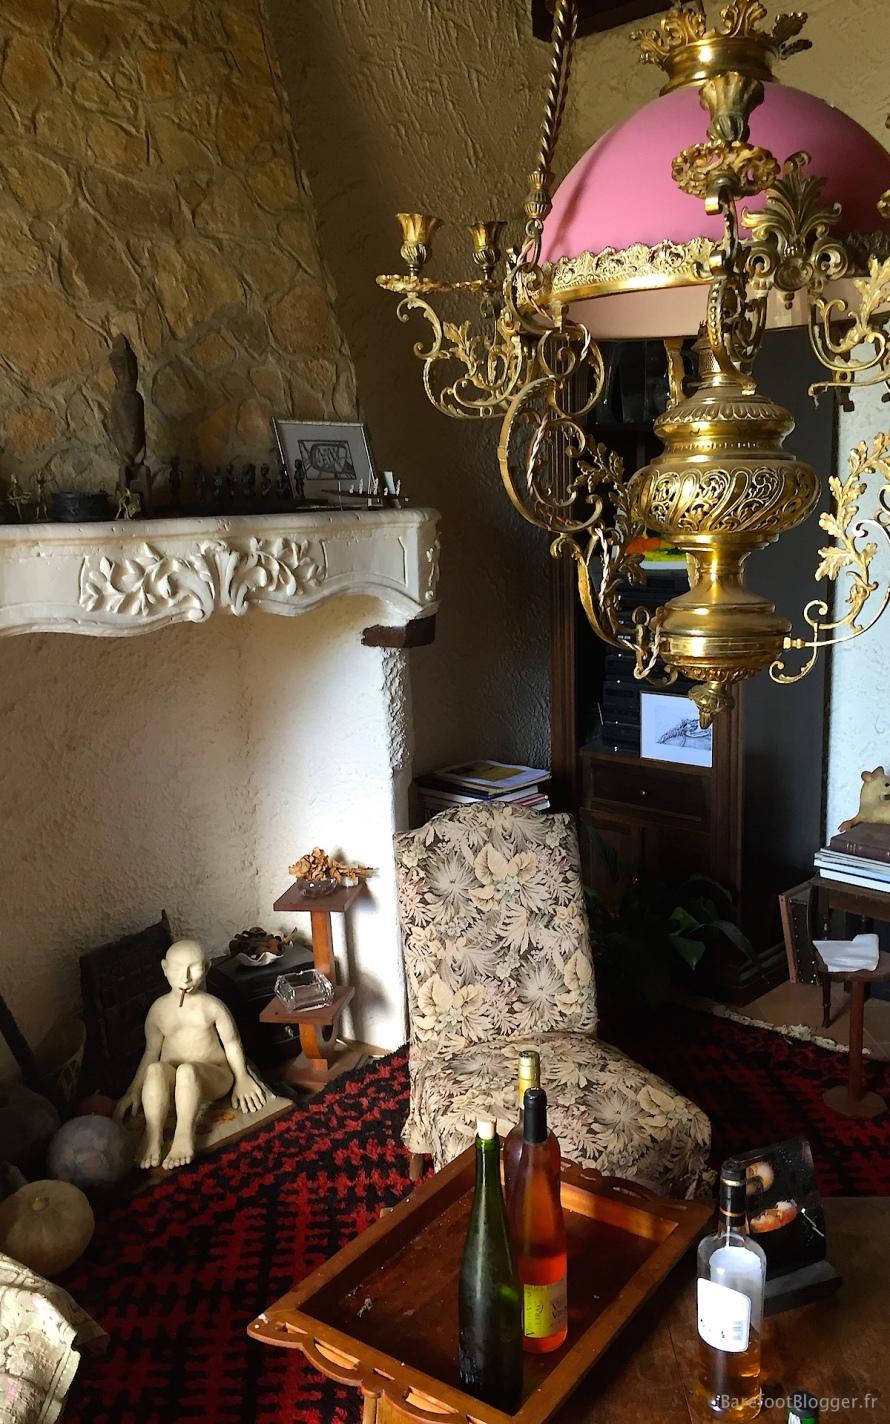 Salon of artist Jean Marie Memin in south of France